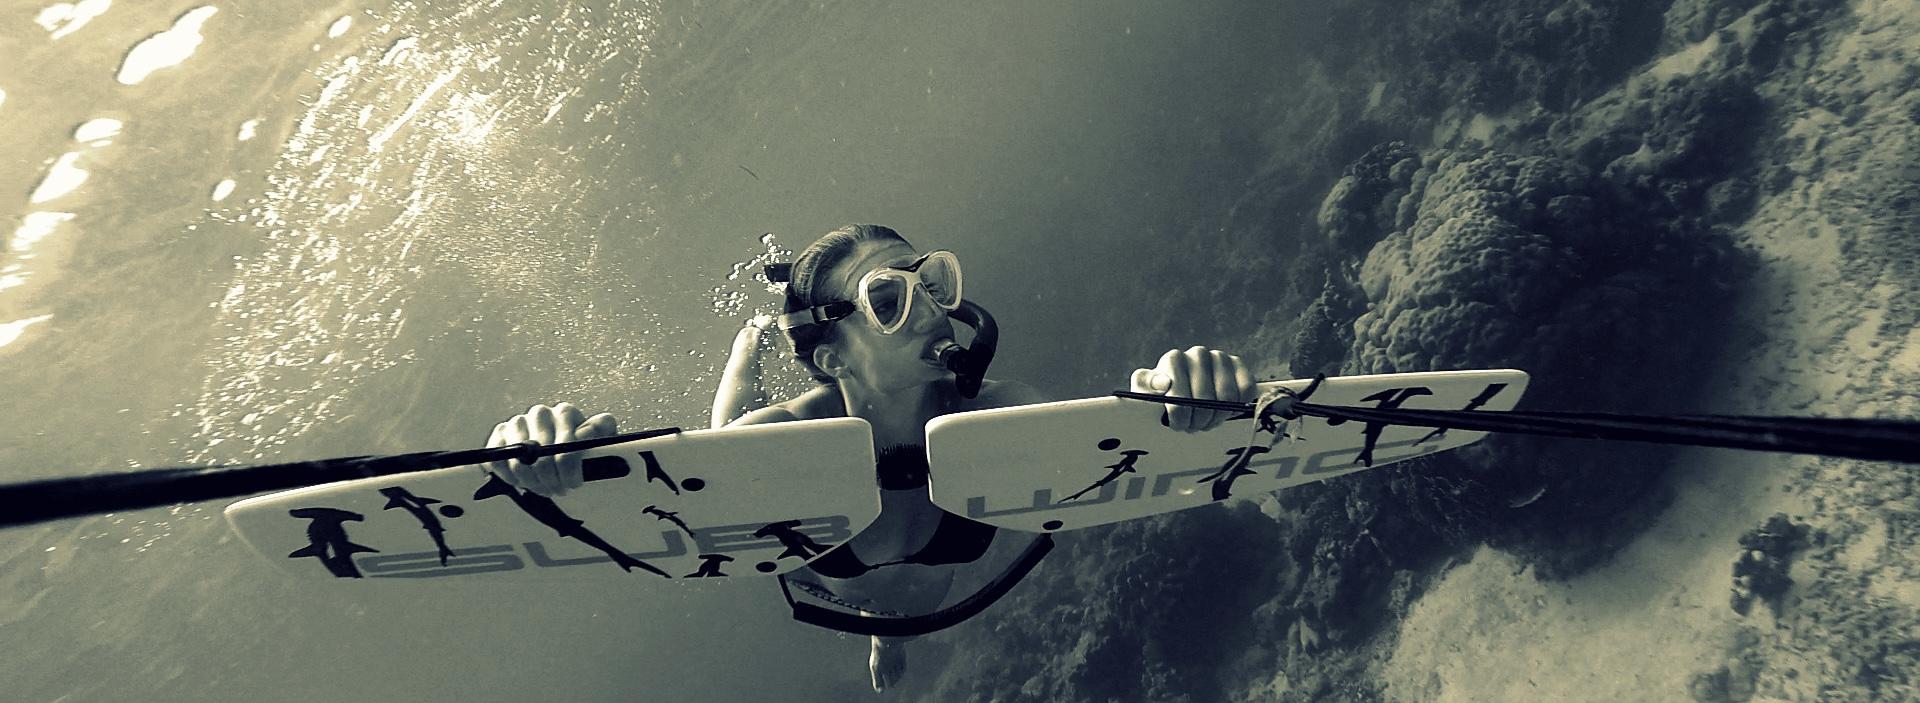 subwing scuba dive